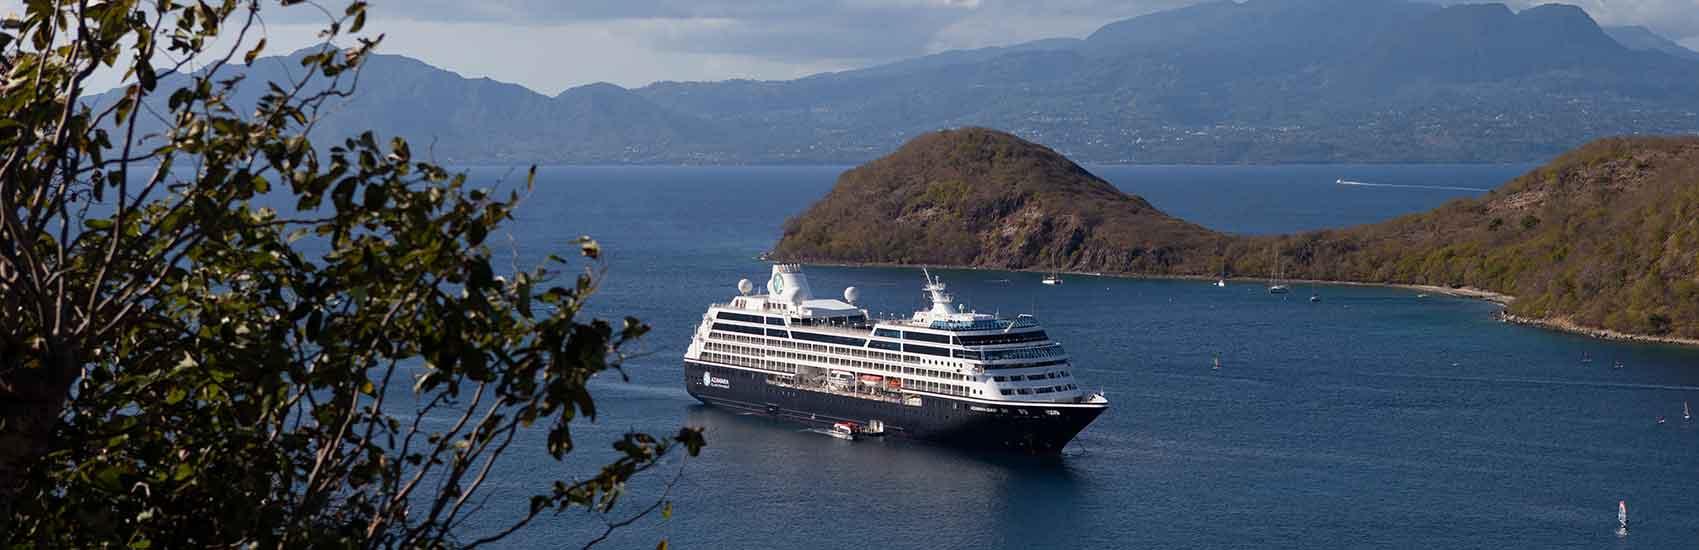 Travel Solo with Azamara Cruises 5